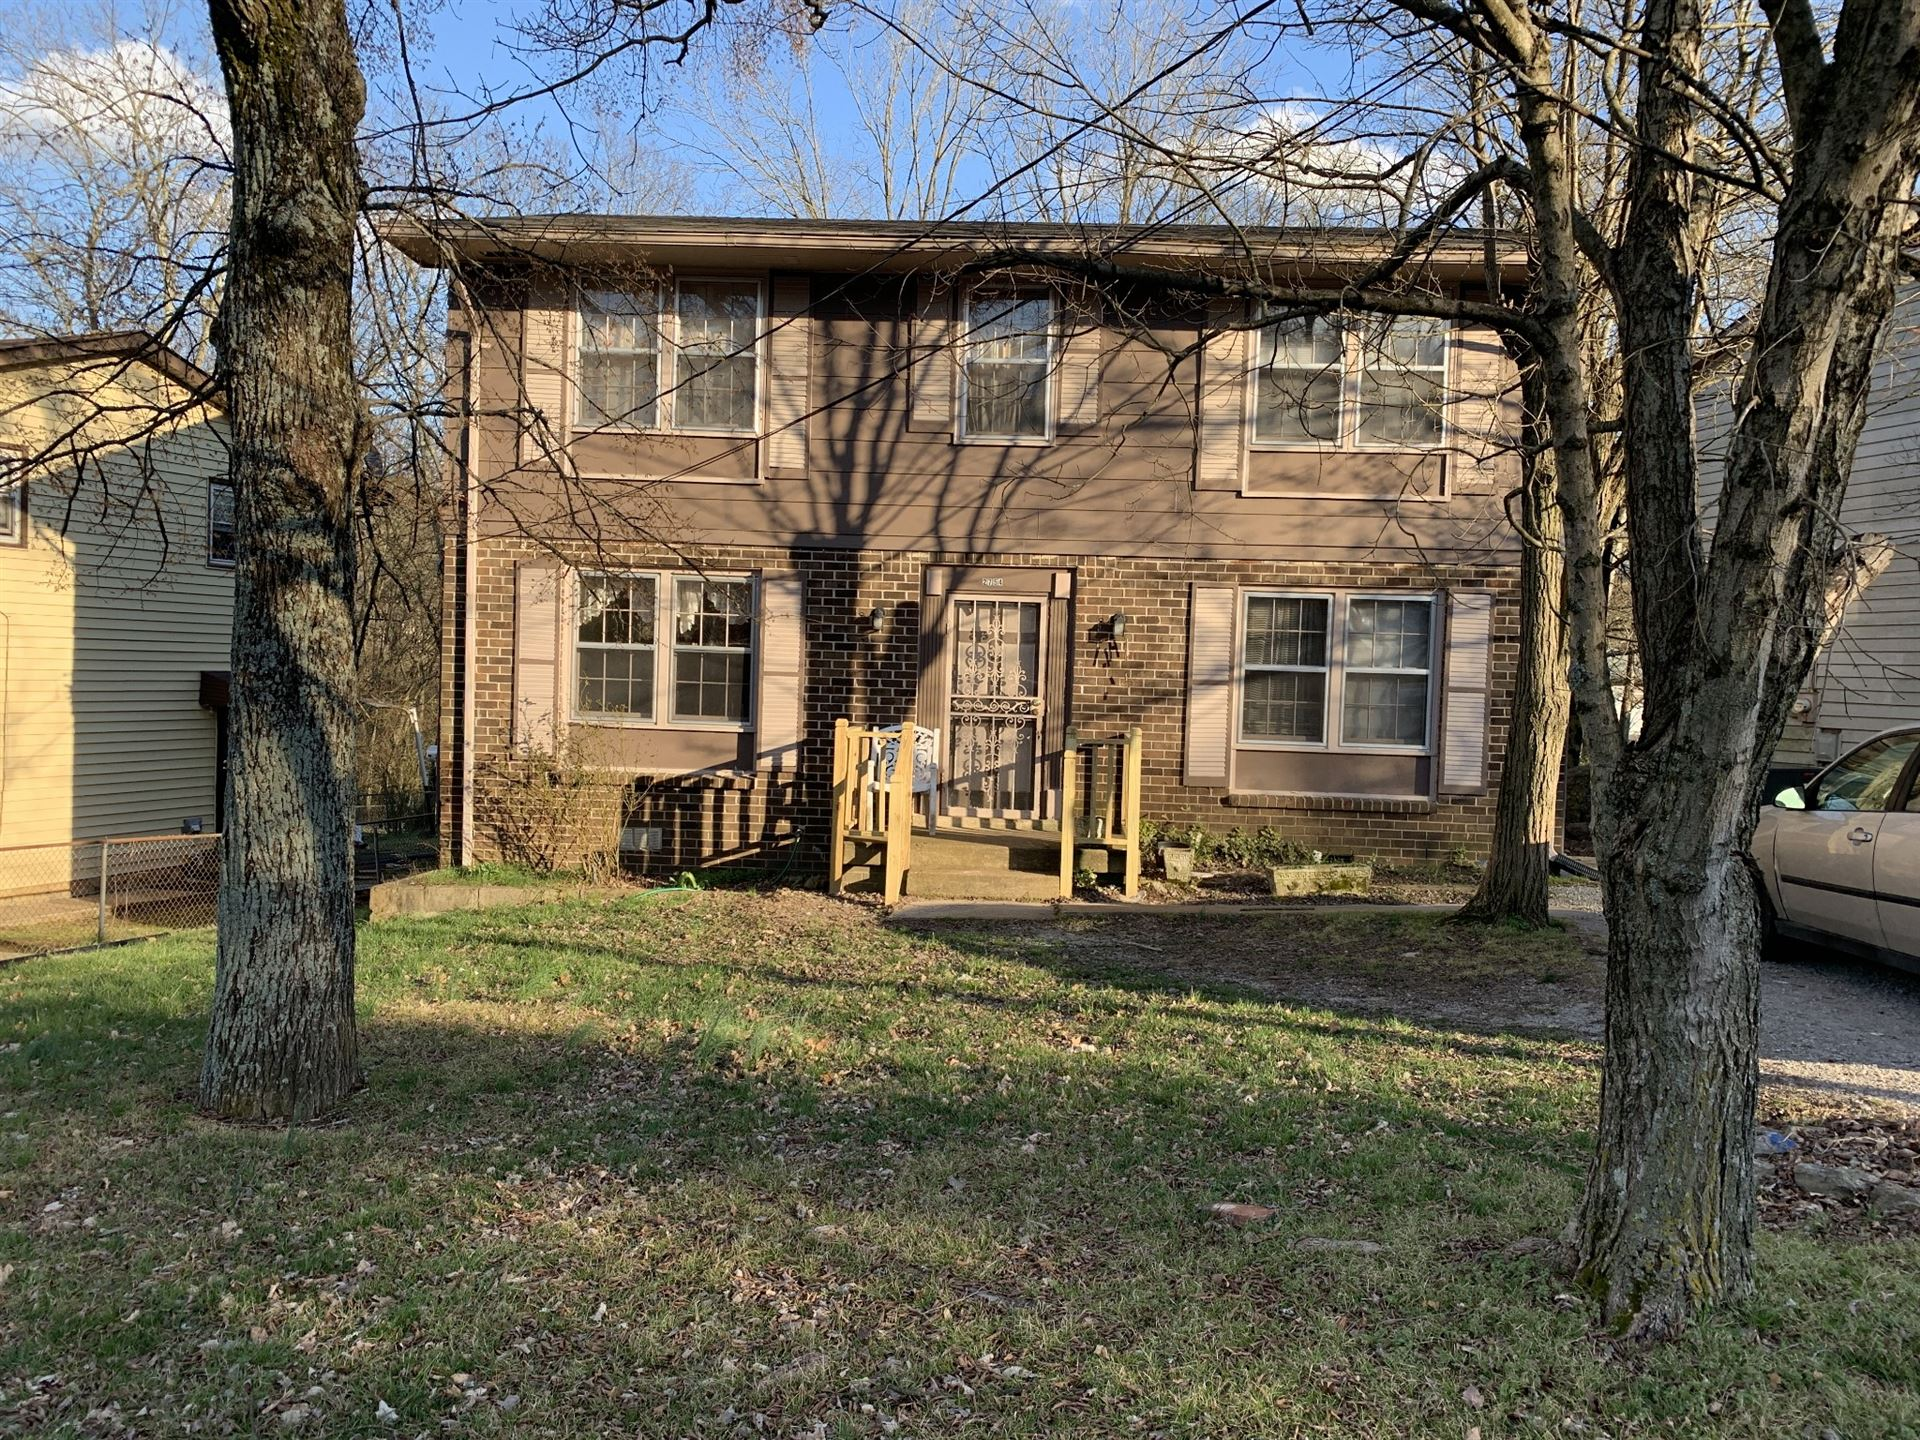 2754 Old Matthews Rd, Nashville, TN 37207 - MLS#: 2270662